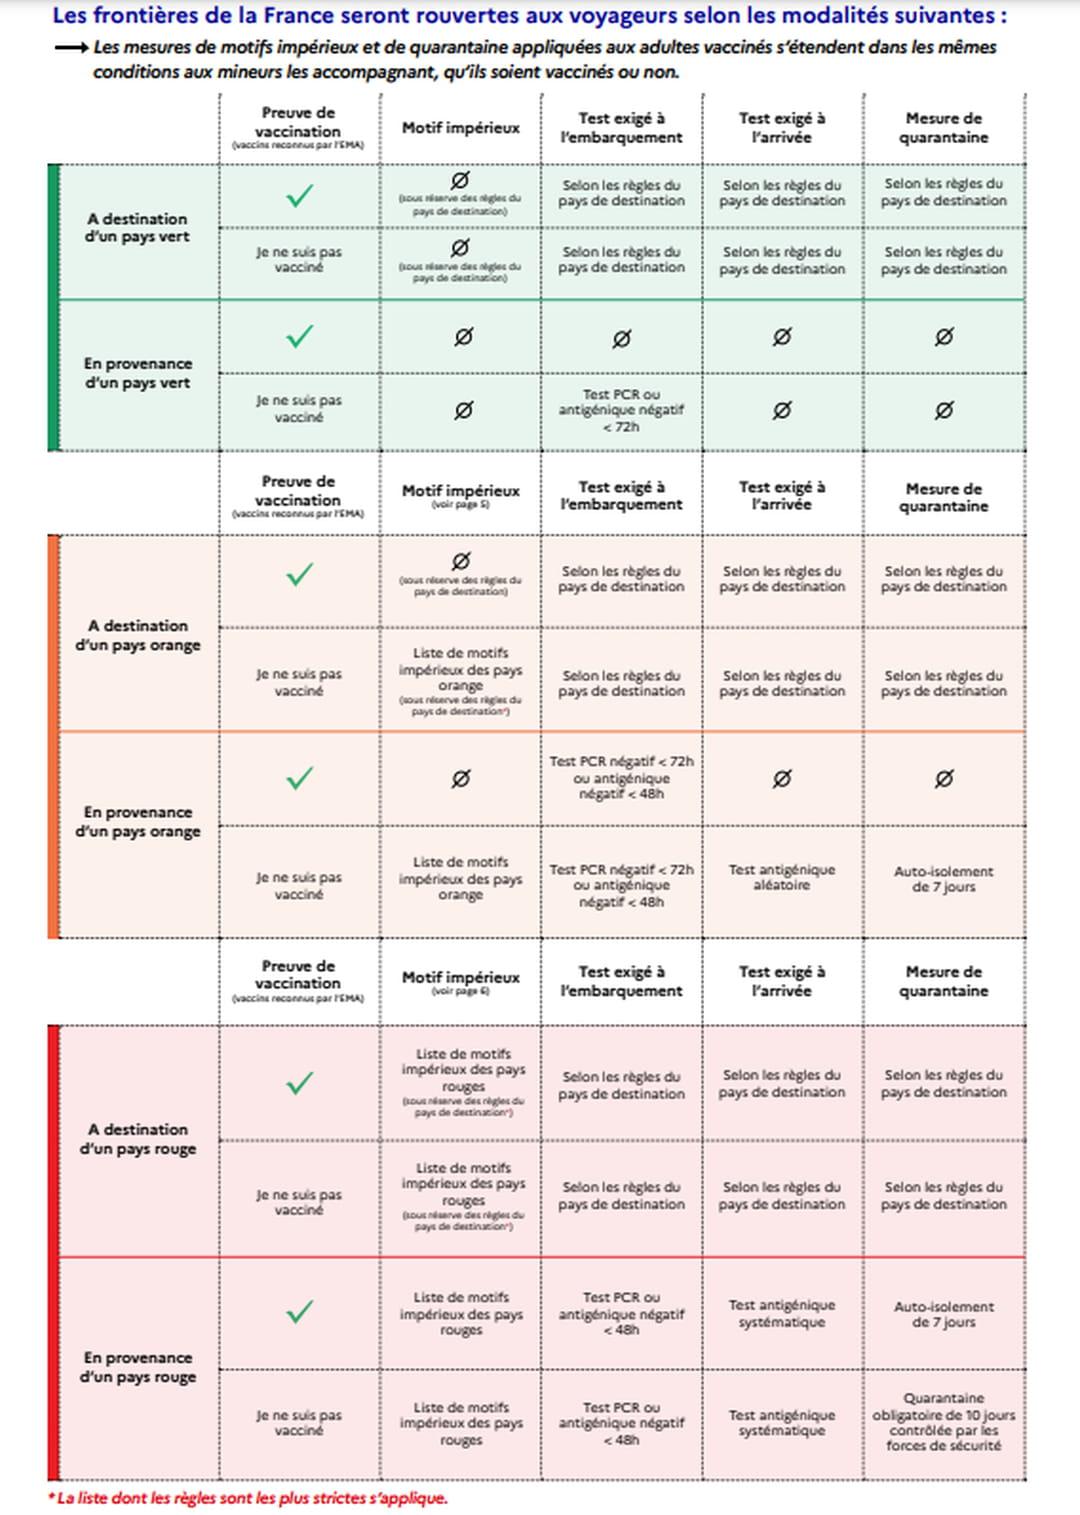 Modalités pour les voyages par pays vert, orange et rouge